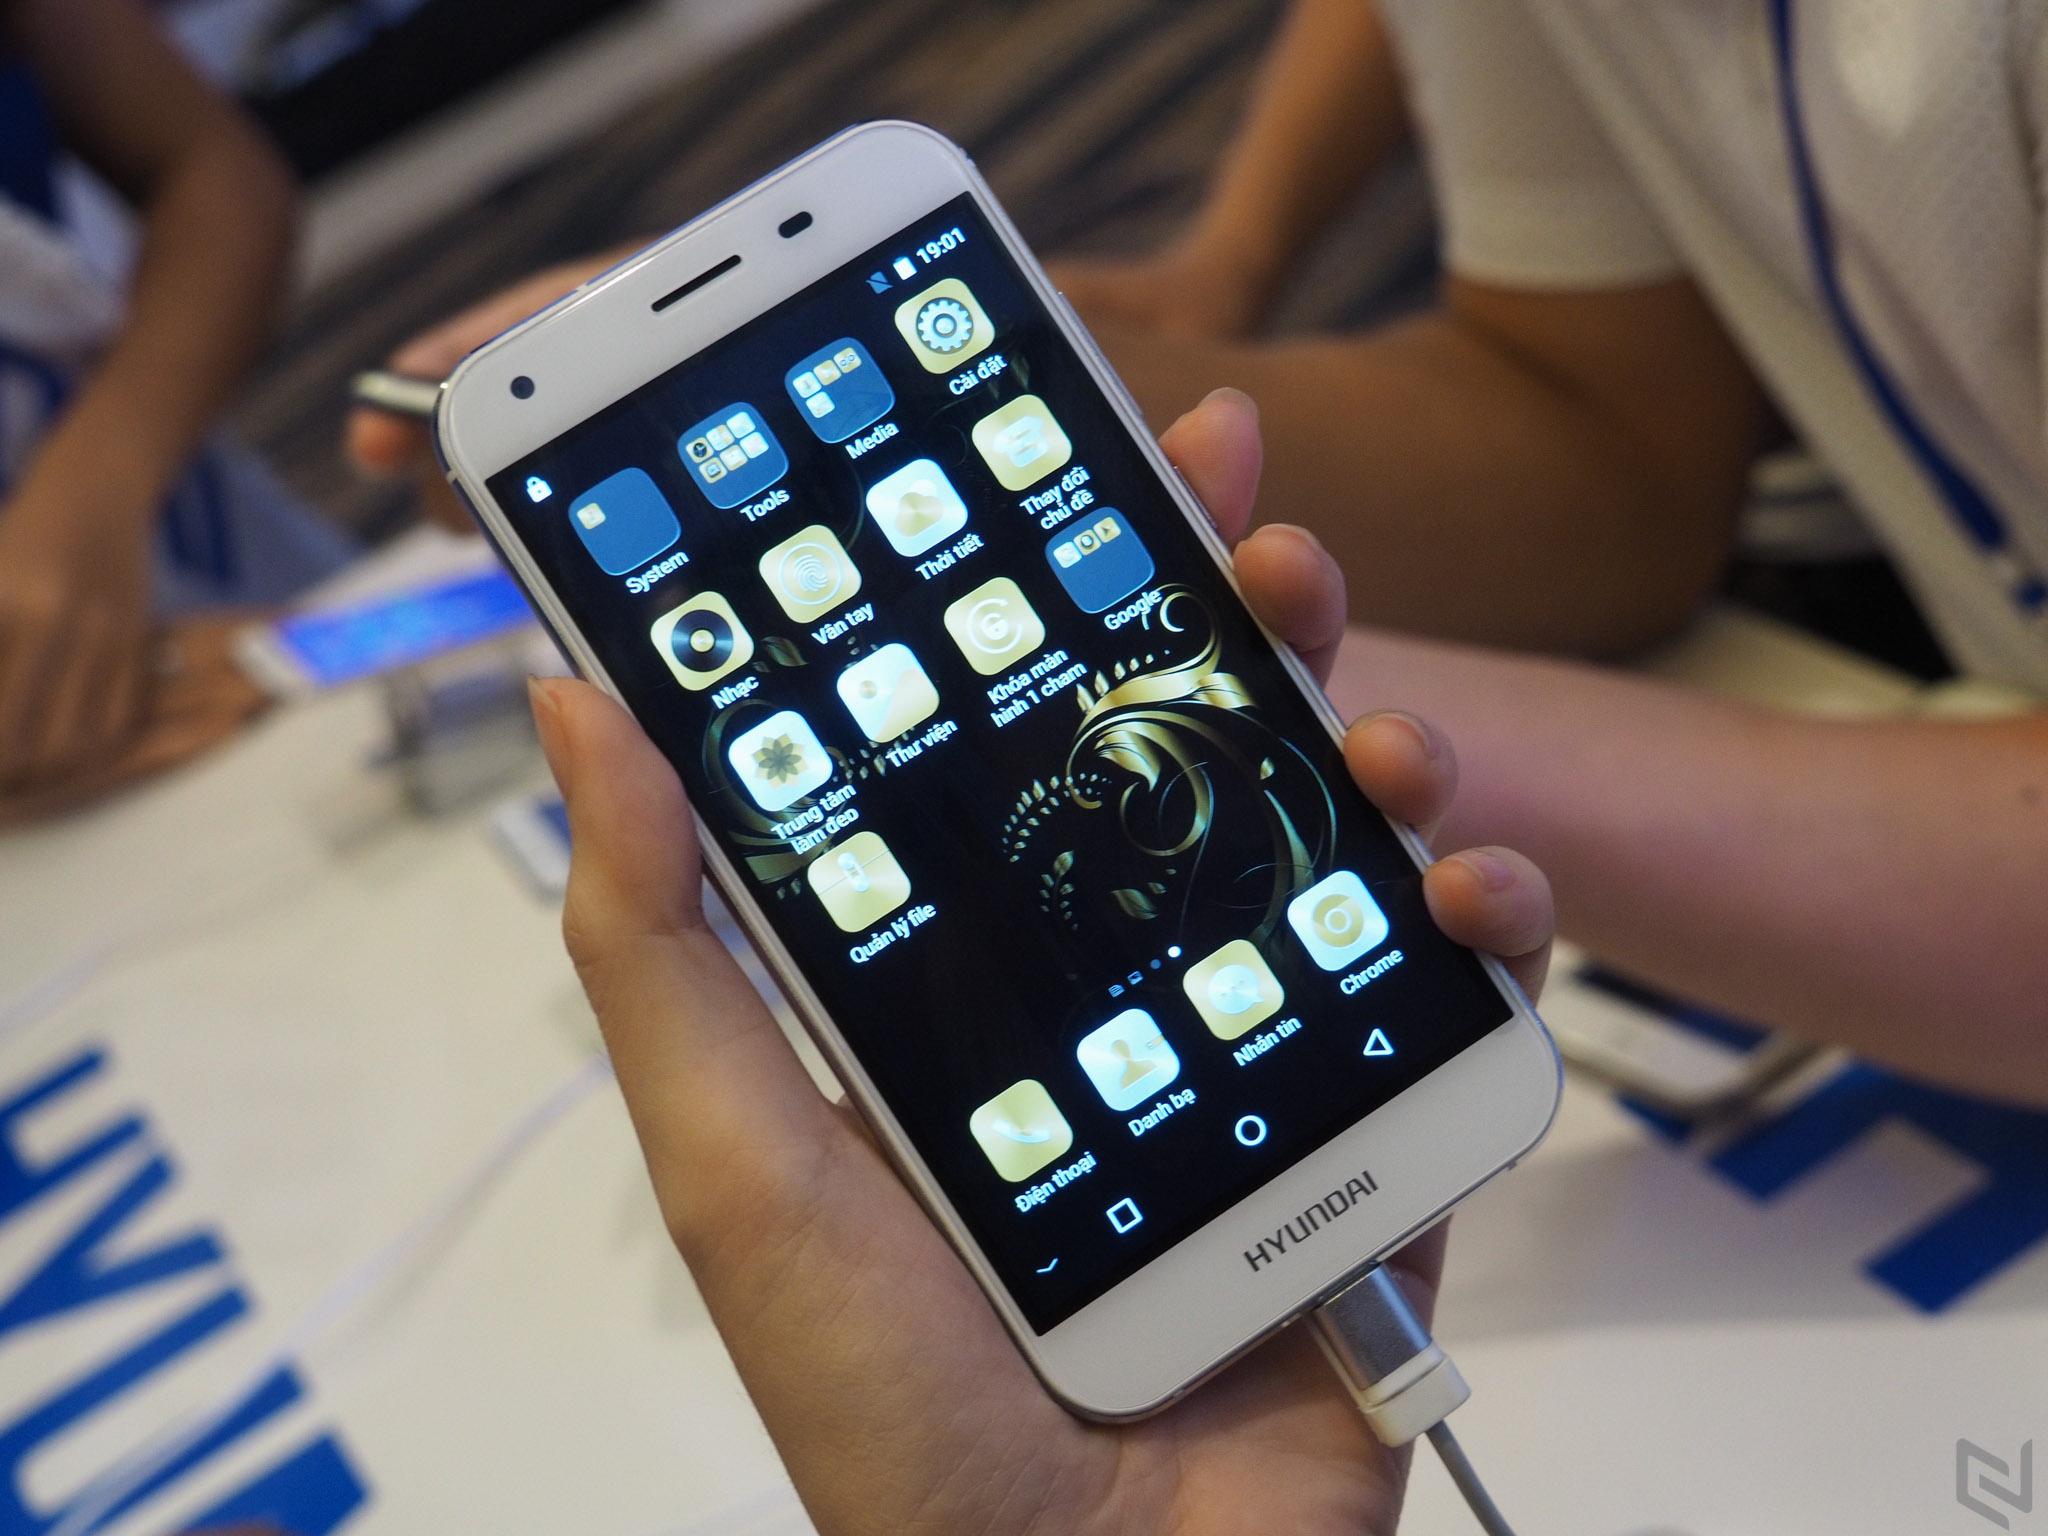 Huyndai ra mắt hai smartphone phân khúc giá rẻ: Seoul 5 và Seoul S6